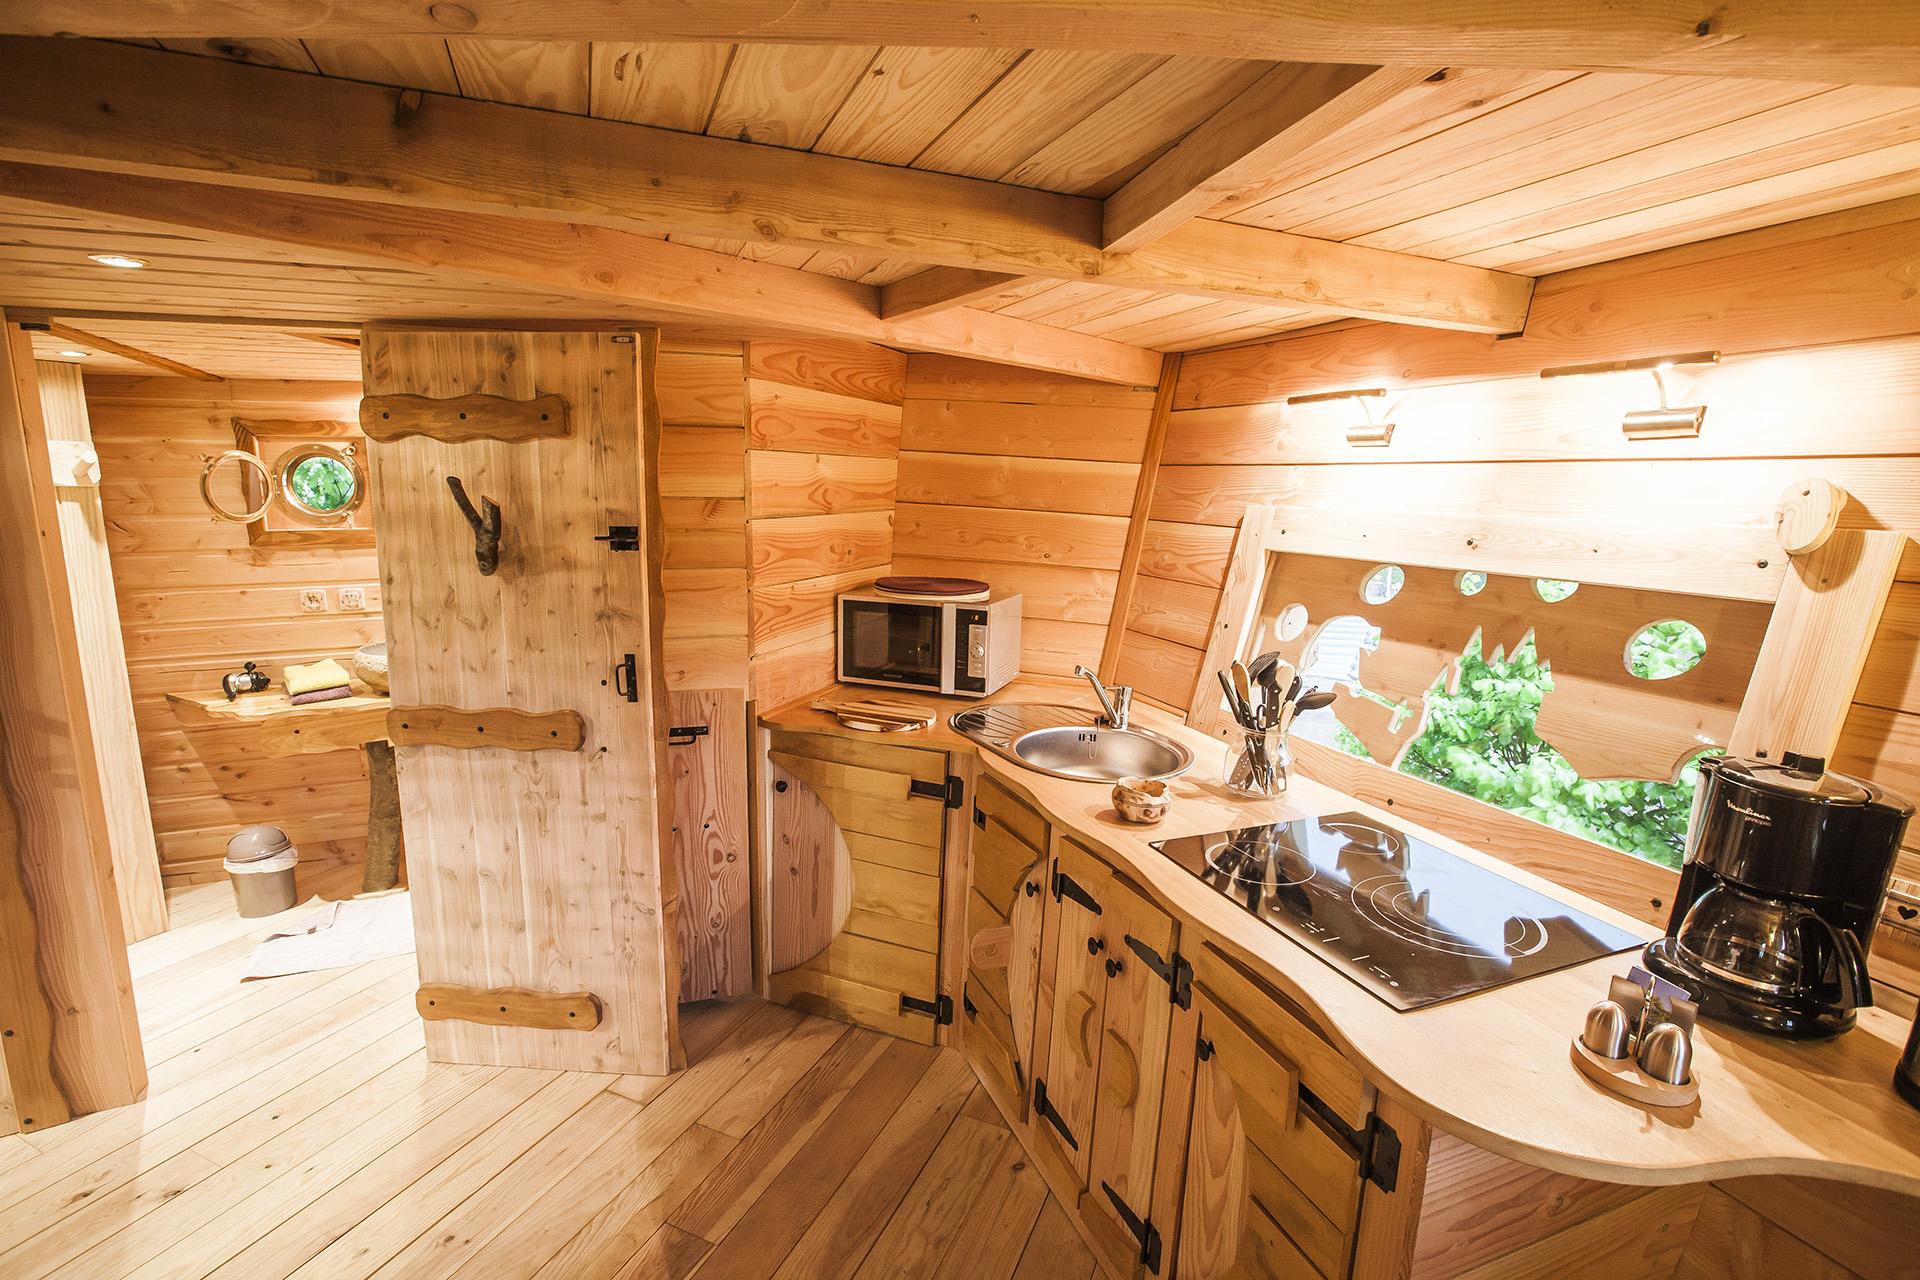 interieur18 les cabanes du ch ne rouvre. Black Bedroom Furniture Sets. Home Design Ideas